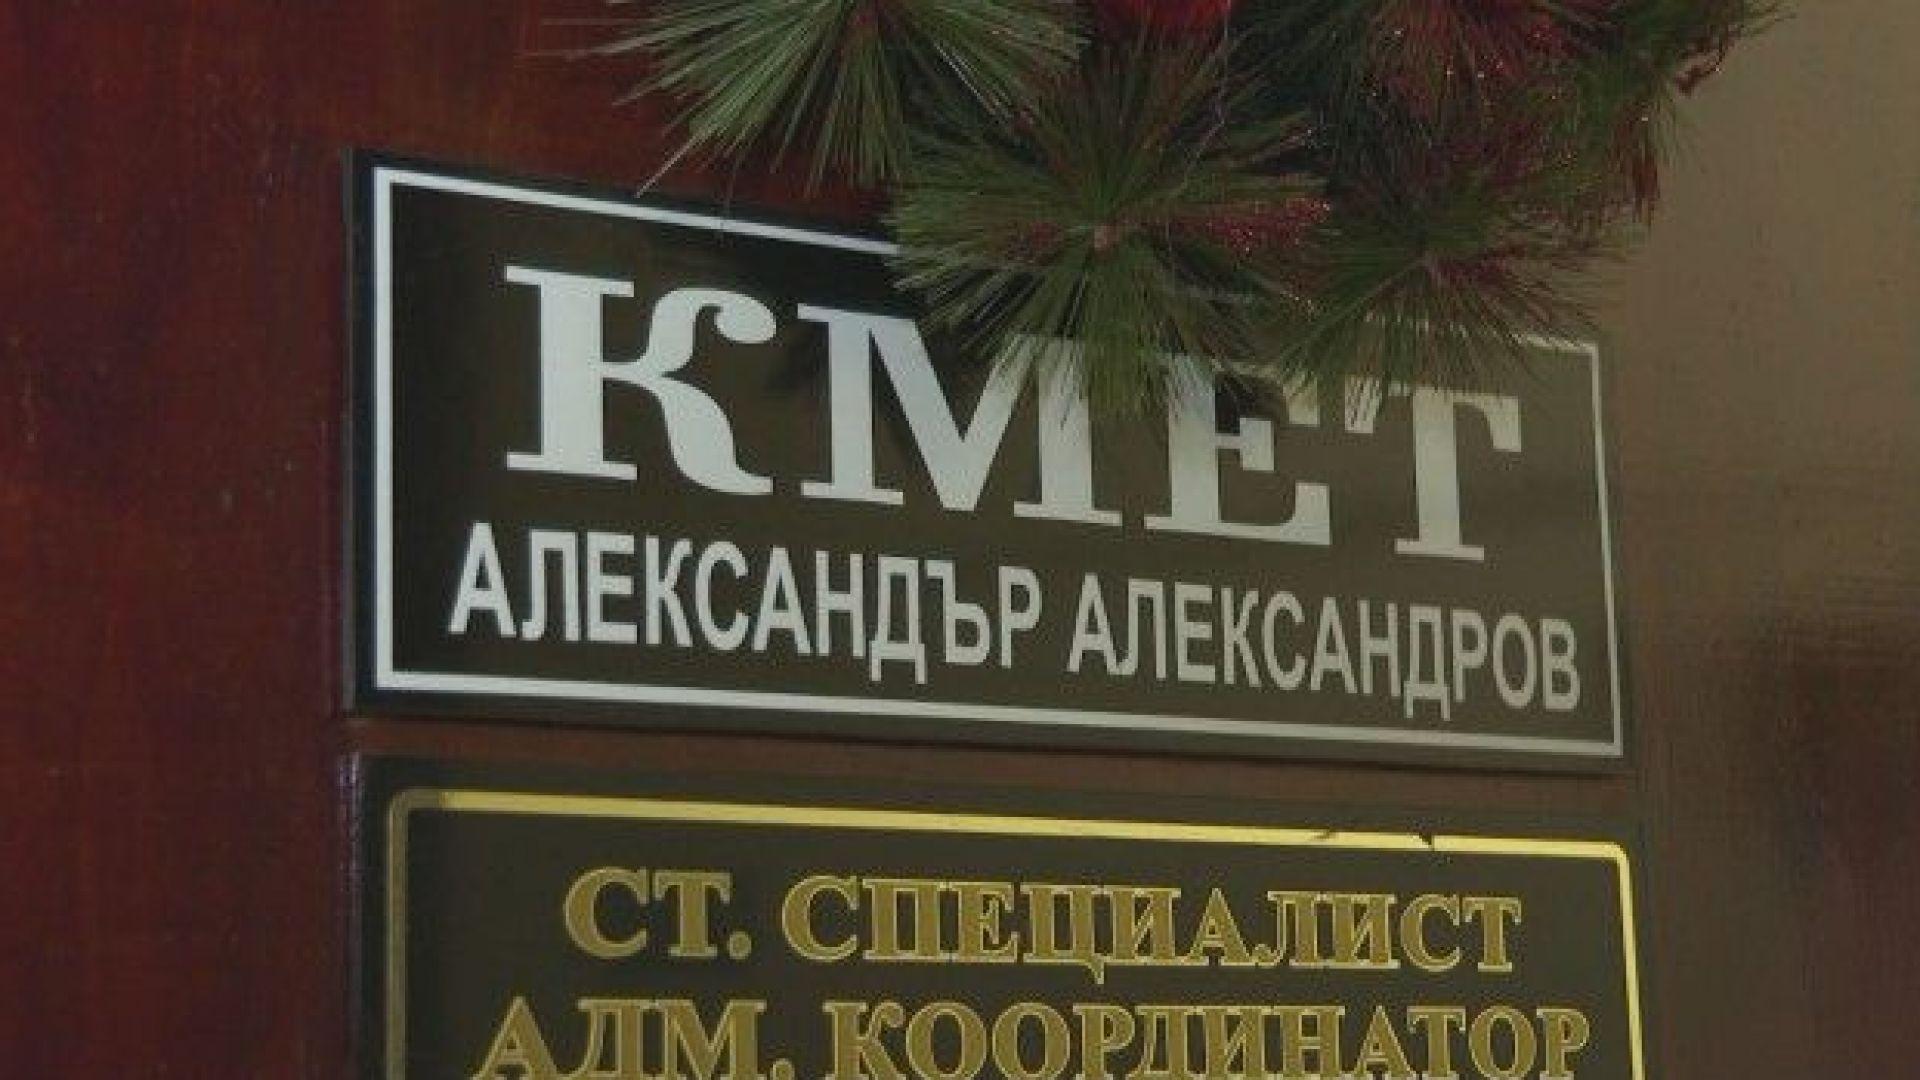 Кметската заплата в най-бедната община у нас - Ружинци, е